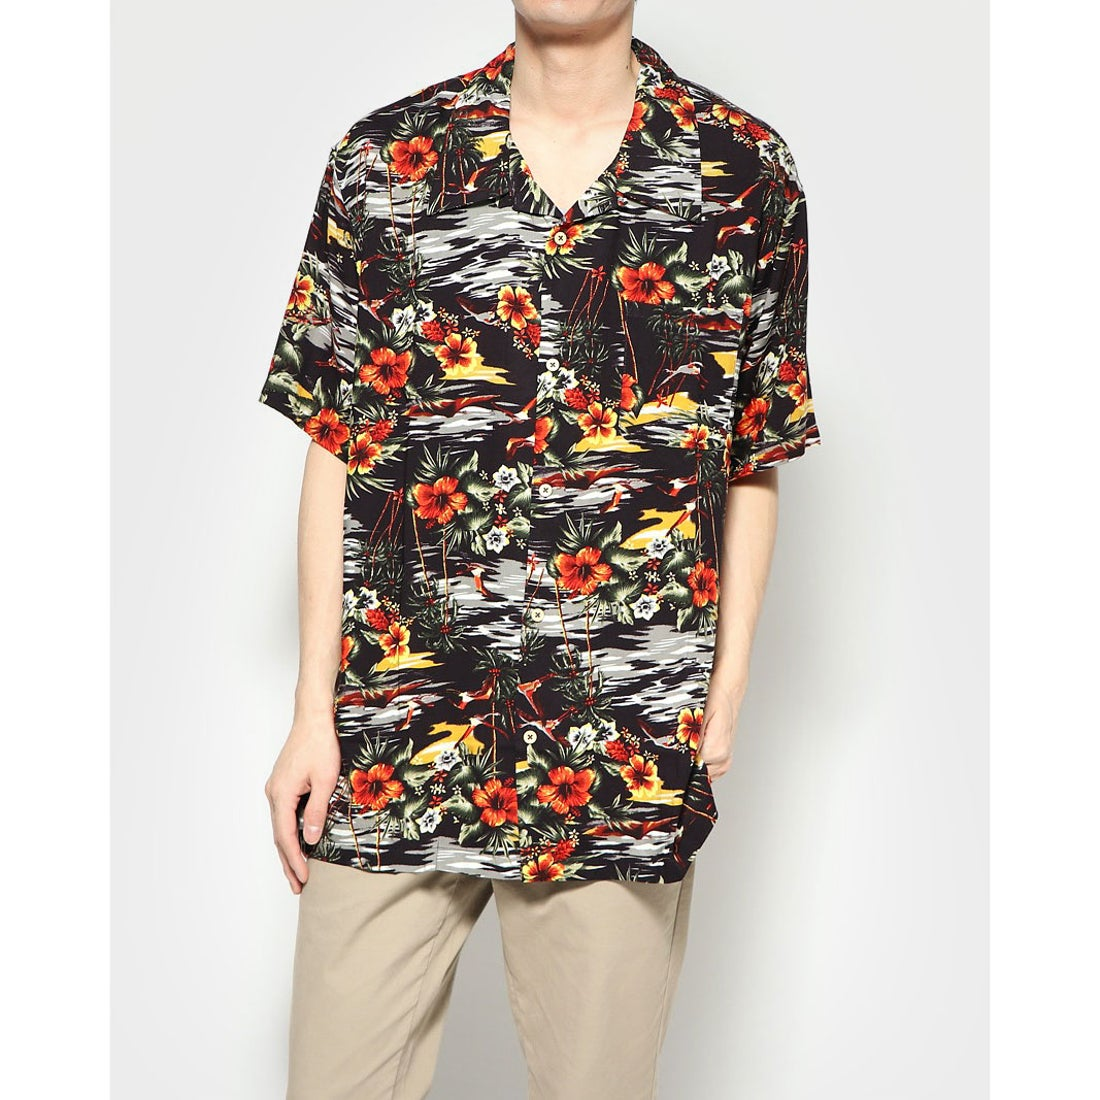 ロコンド 靴とファッションの通販サイトスタイルブロック STYLEBLOCK KINGレーヨンアロハシャツ (Iブラック)